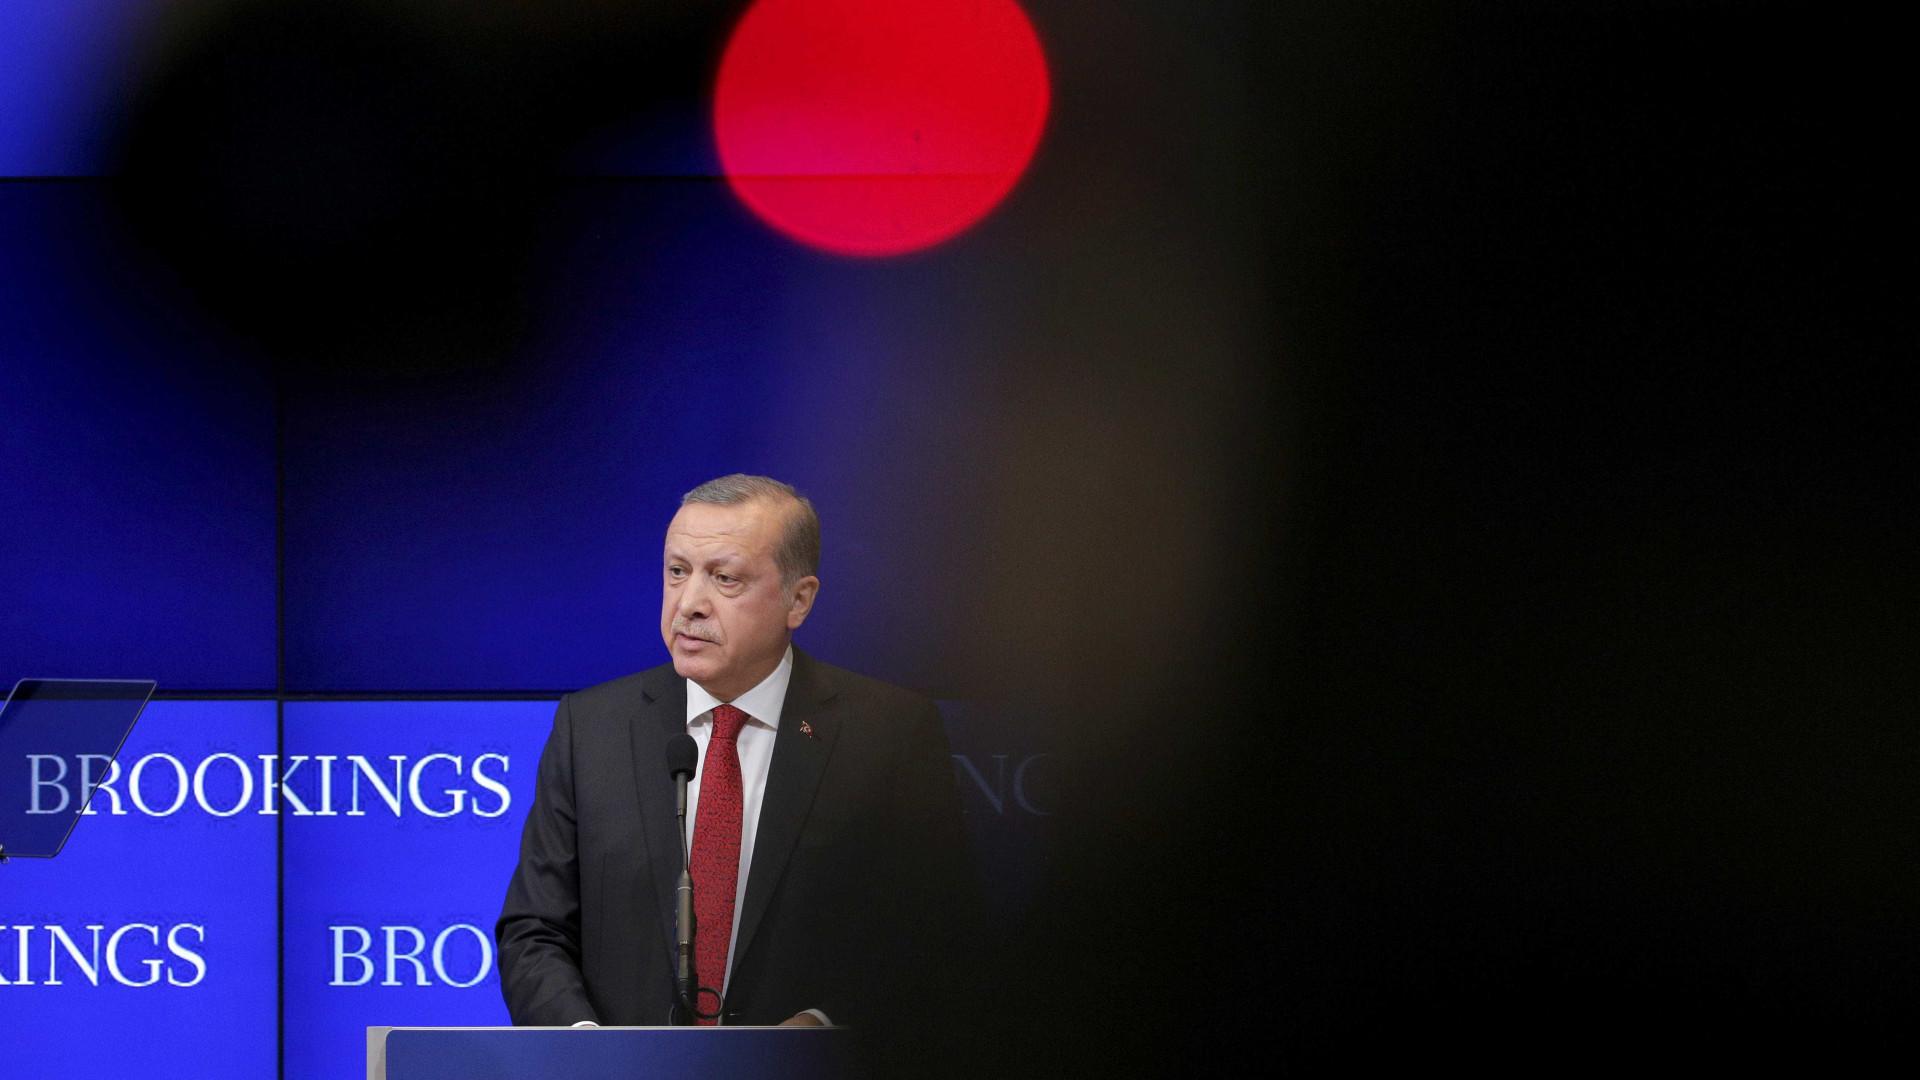 Presidente da Turquia promete ataque enclave curdo na Síria 'nos próximos dias'